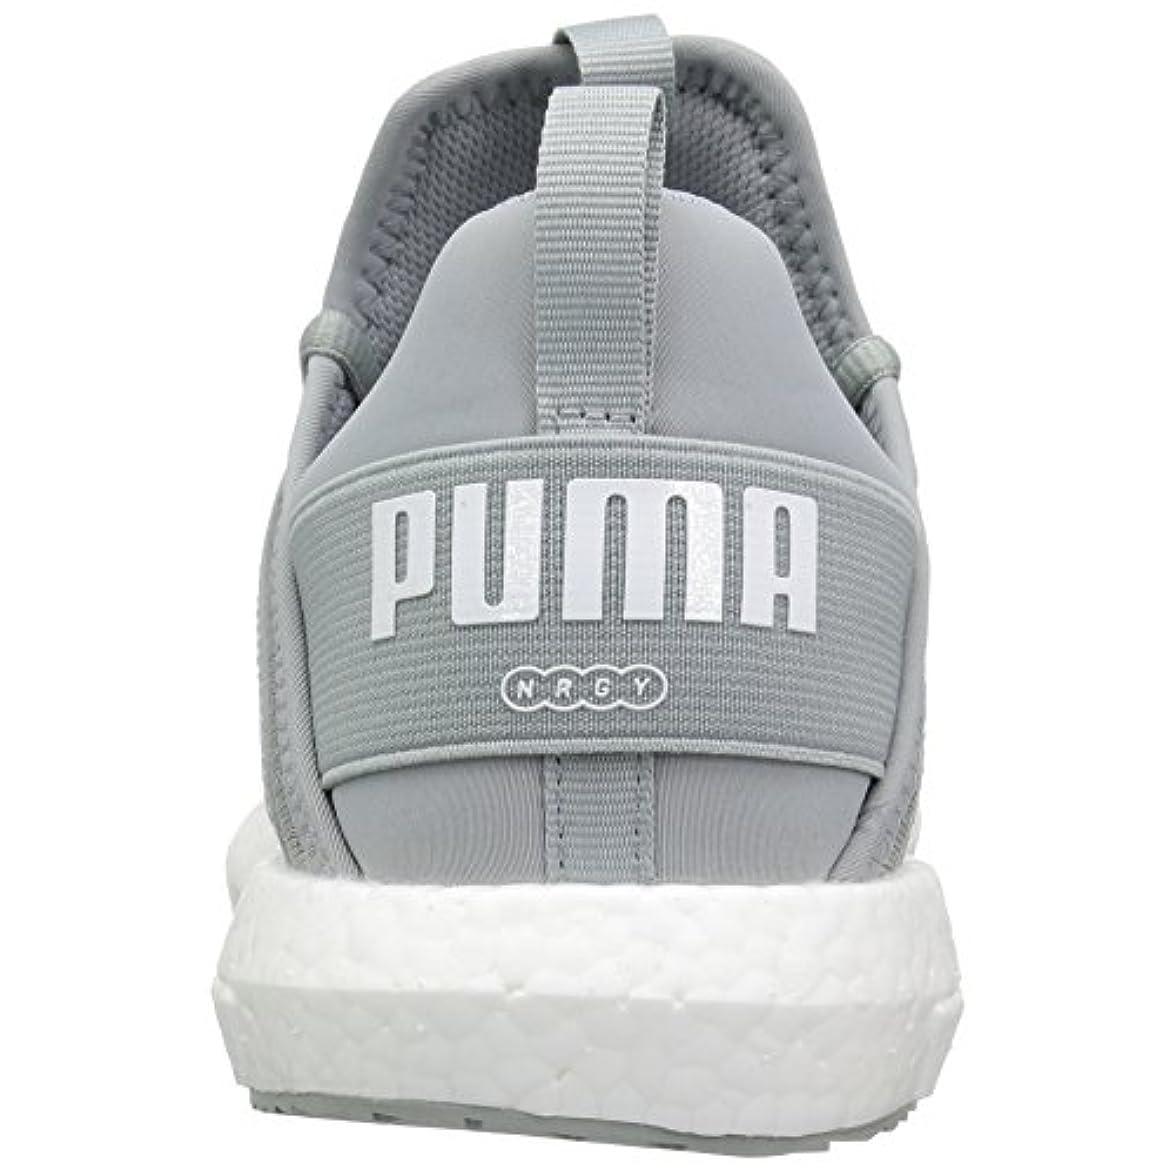 Trainers Women's Nrgy Puma Mega